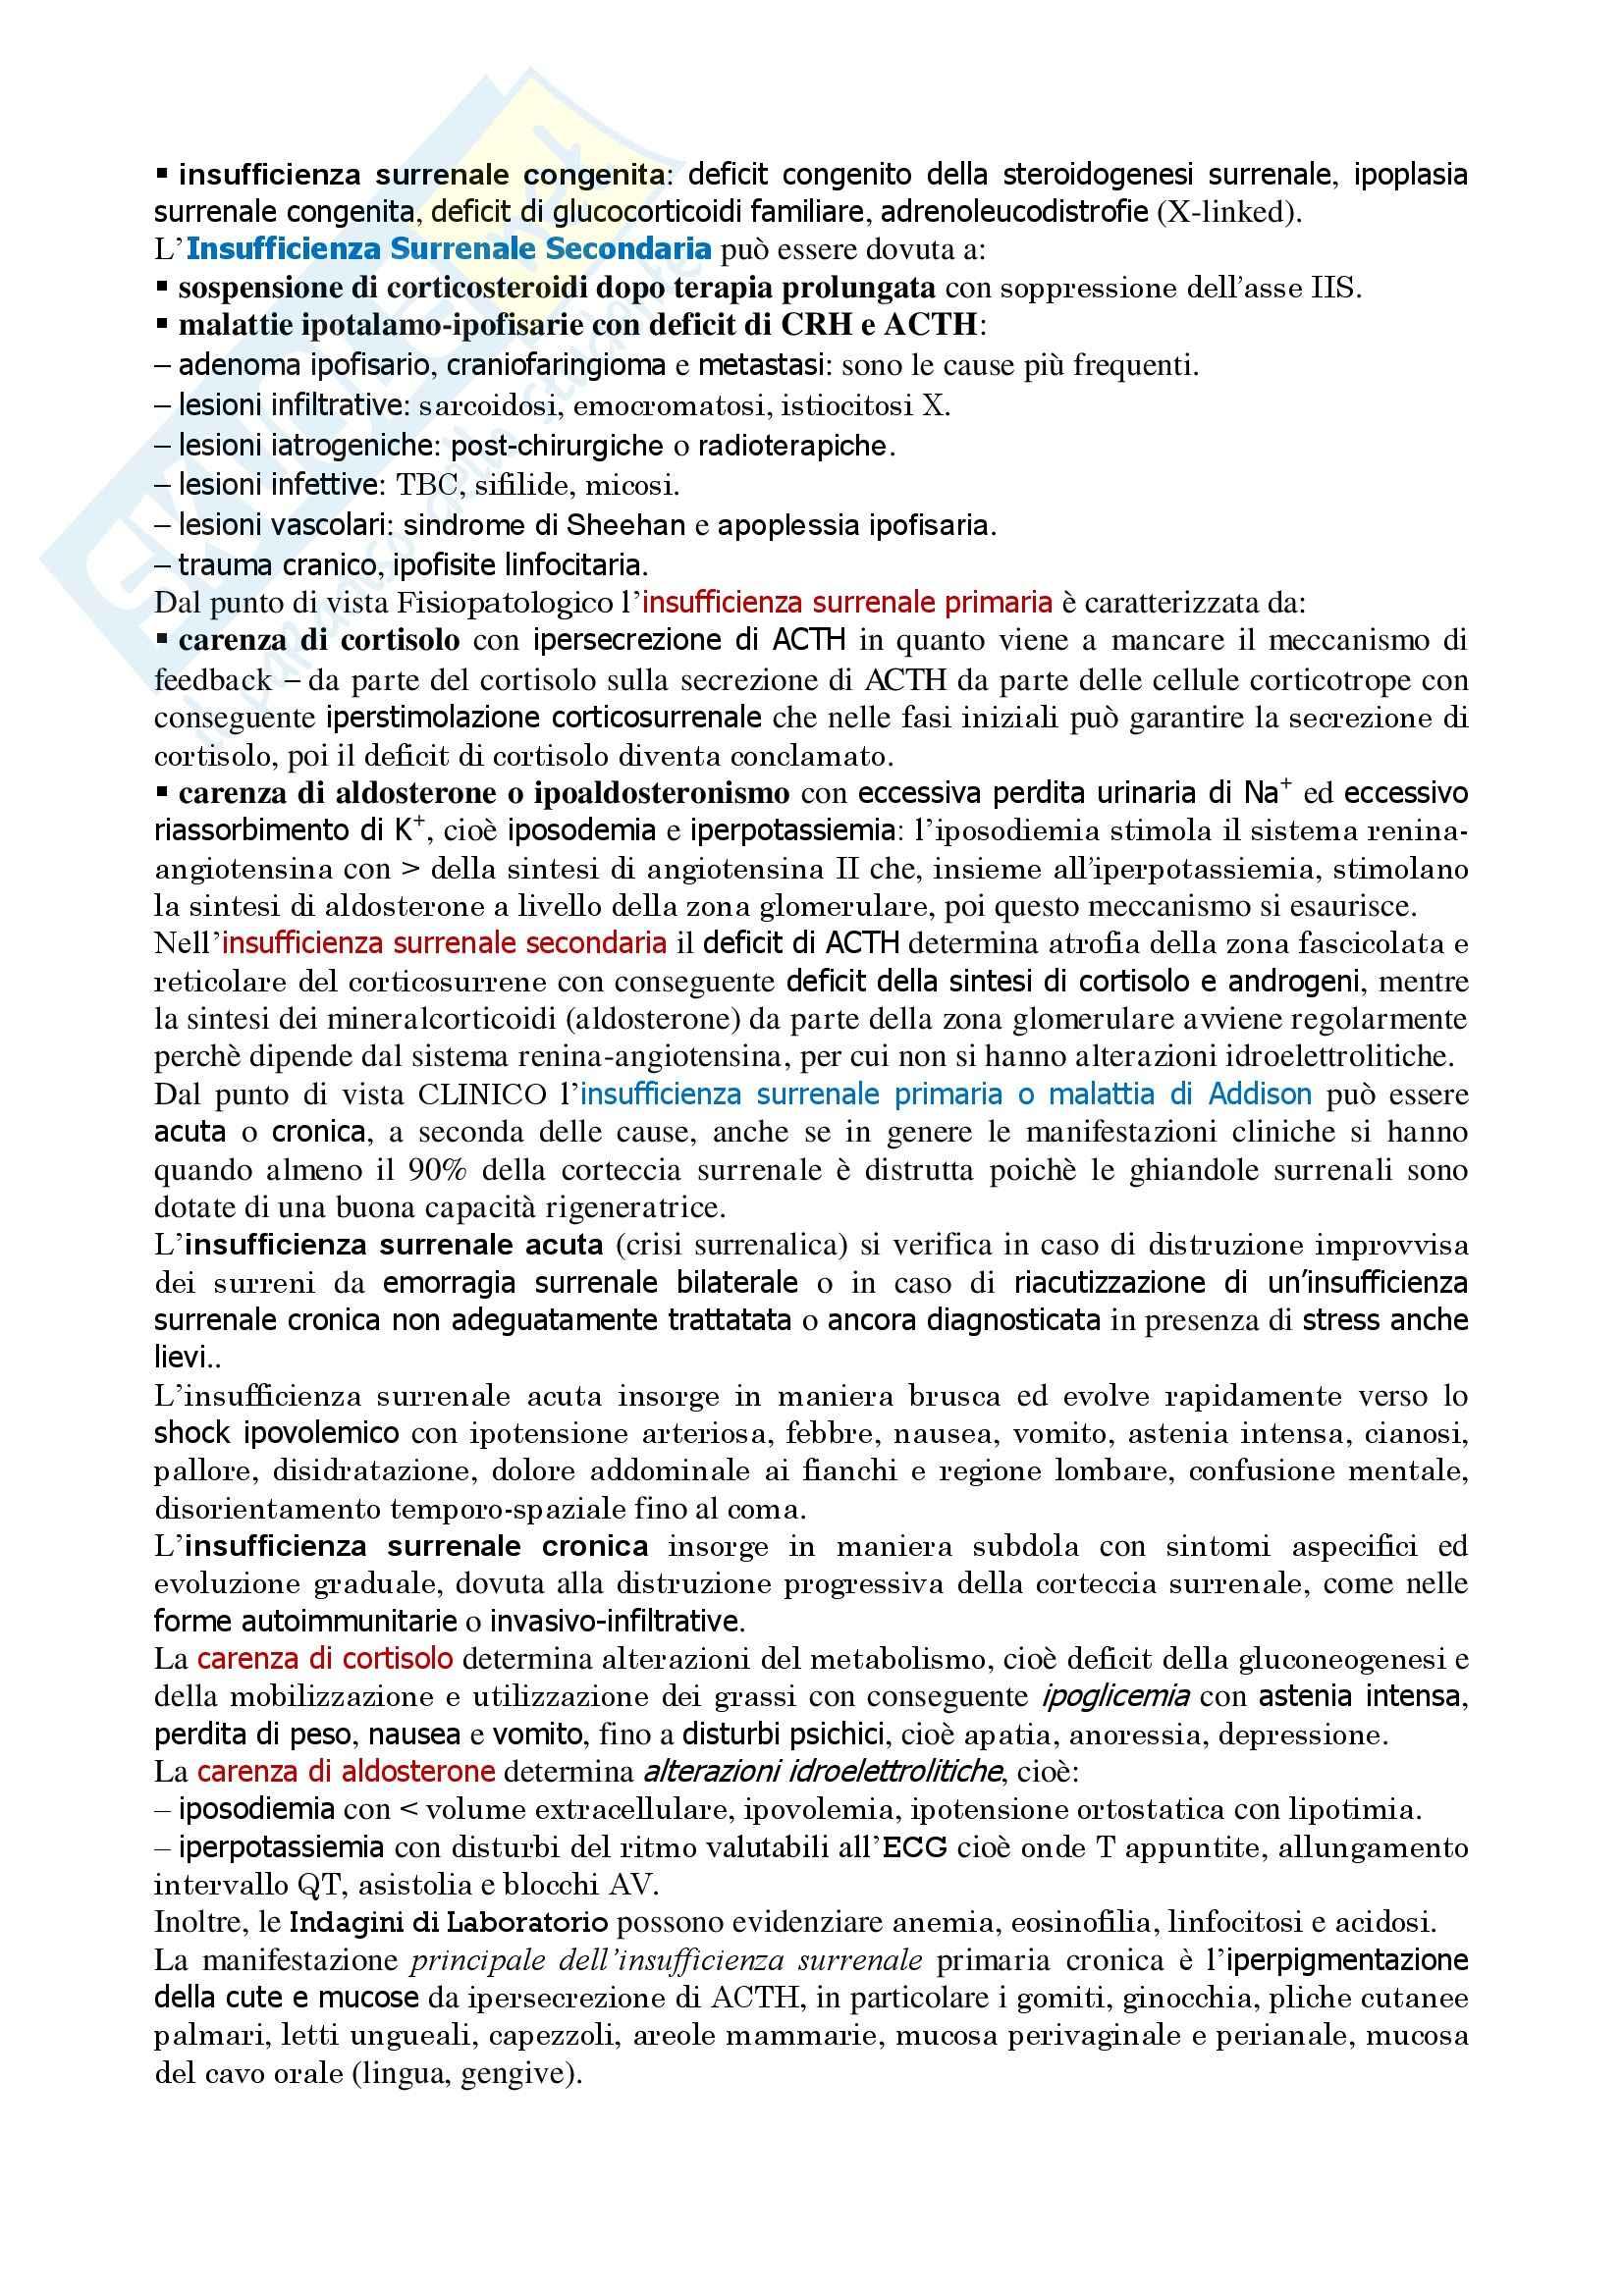 Endocrinologia - l'insufficienza corticosurrenalica Pag. 2